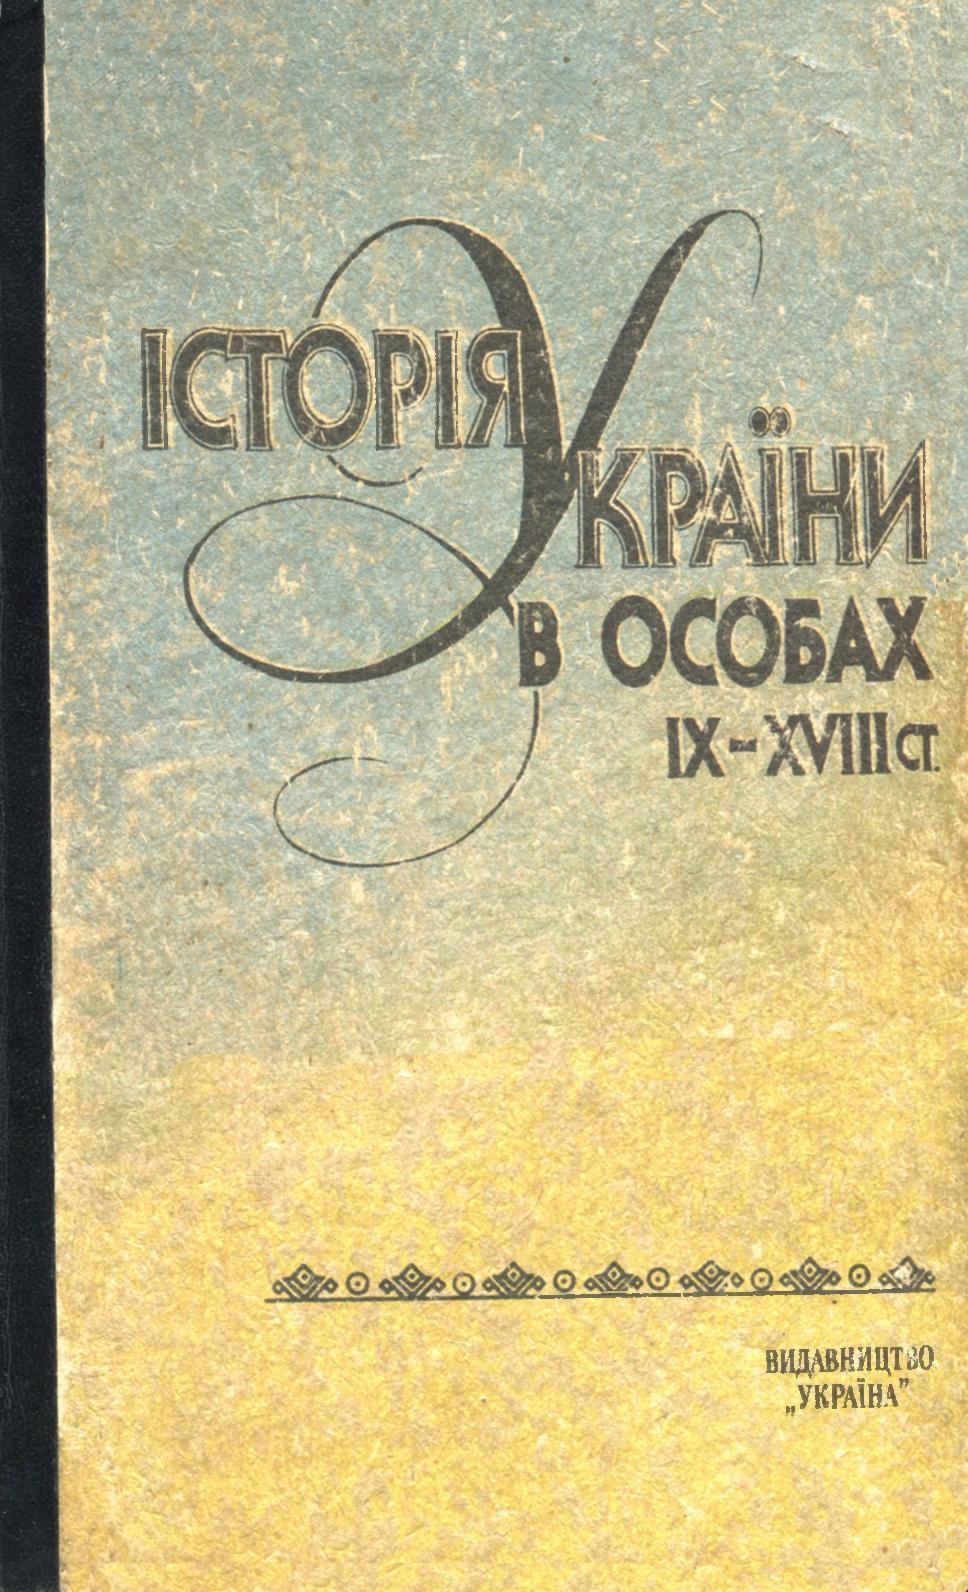 Calaméo - Гуржій О. Історія України в особах  IX-XVIII ст. c6996345566ef